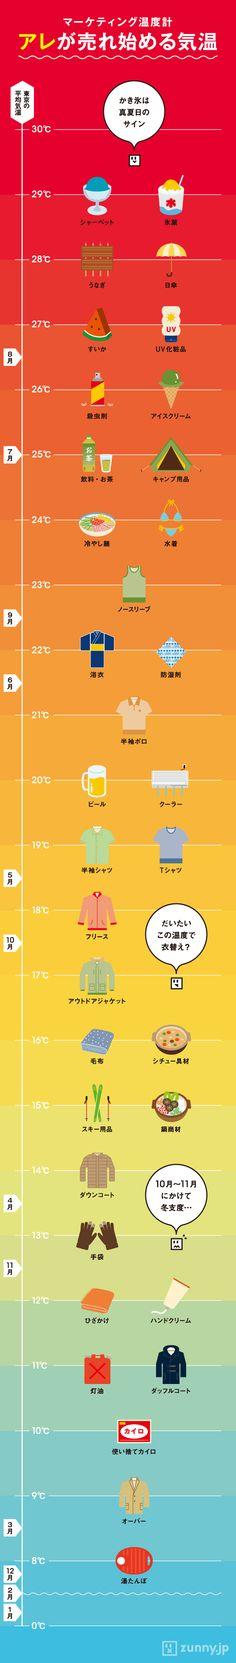 必見!「気温」と「売れる商品」の相関 早見表 | ZUNNY インフォグラフィック・ニュース